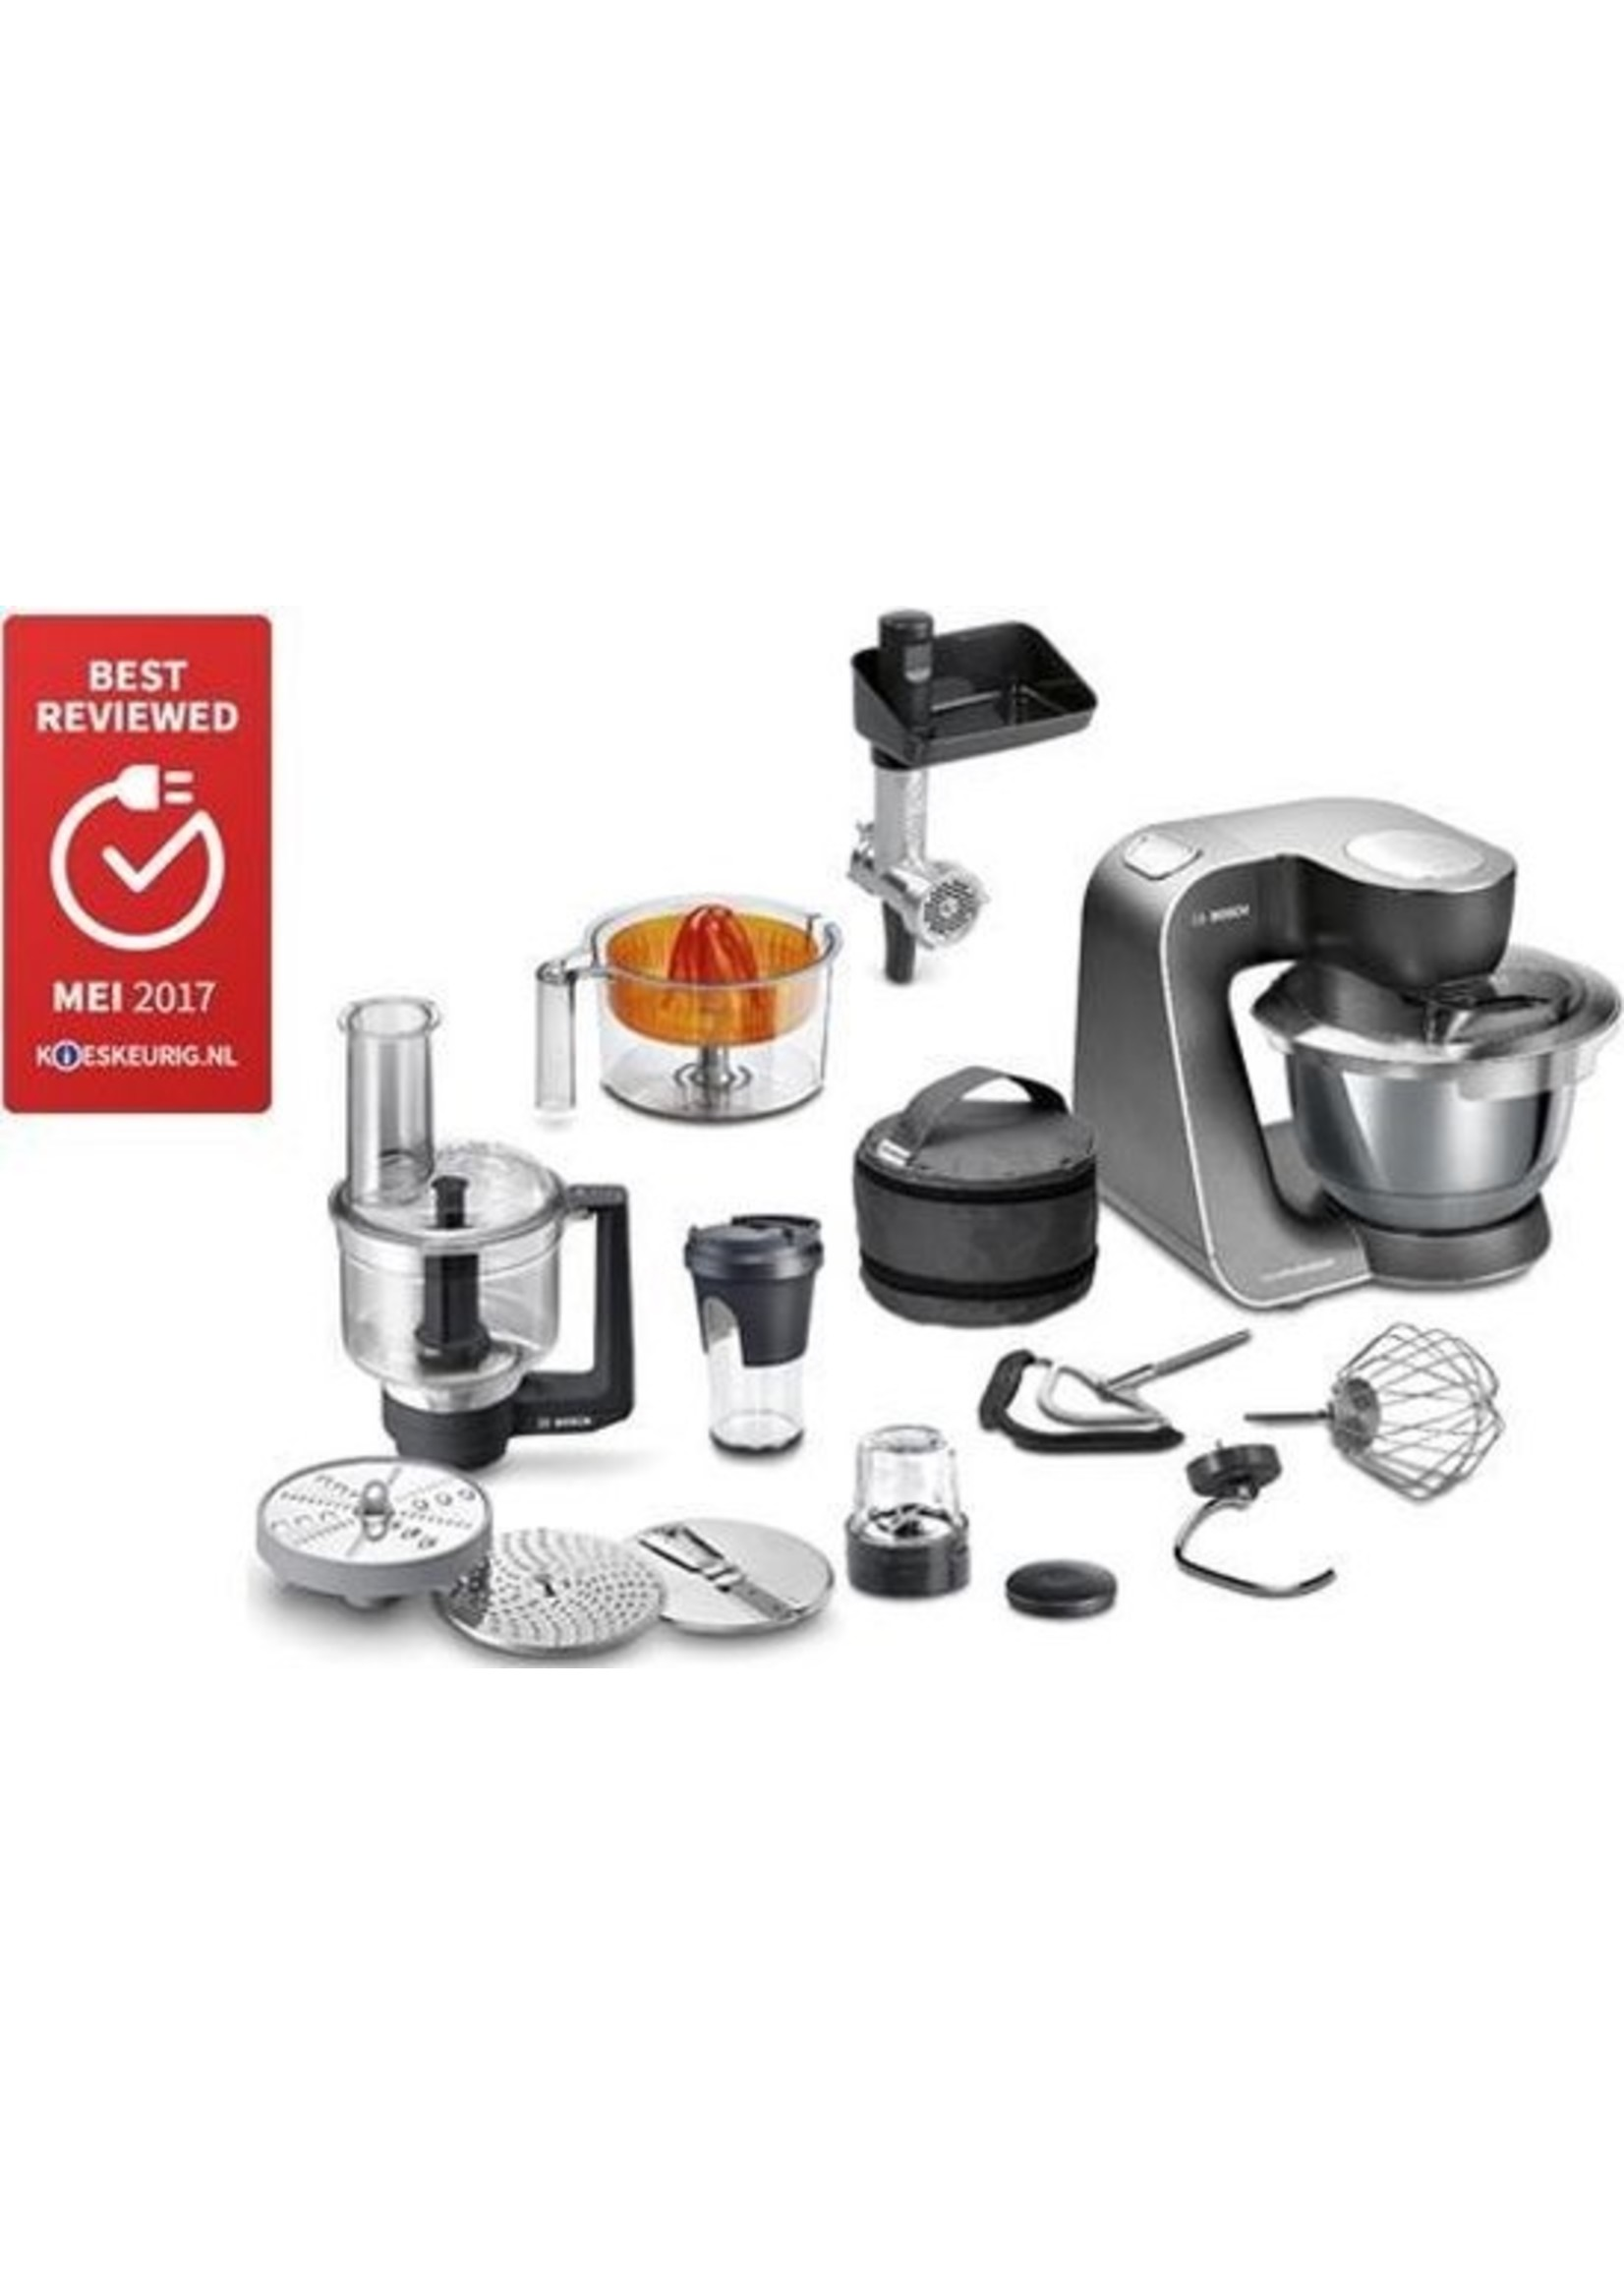 Bosch Bosch MUM5 HomeProfessional MUM59M55 - Keukenmachine - Zwart